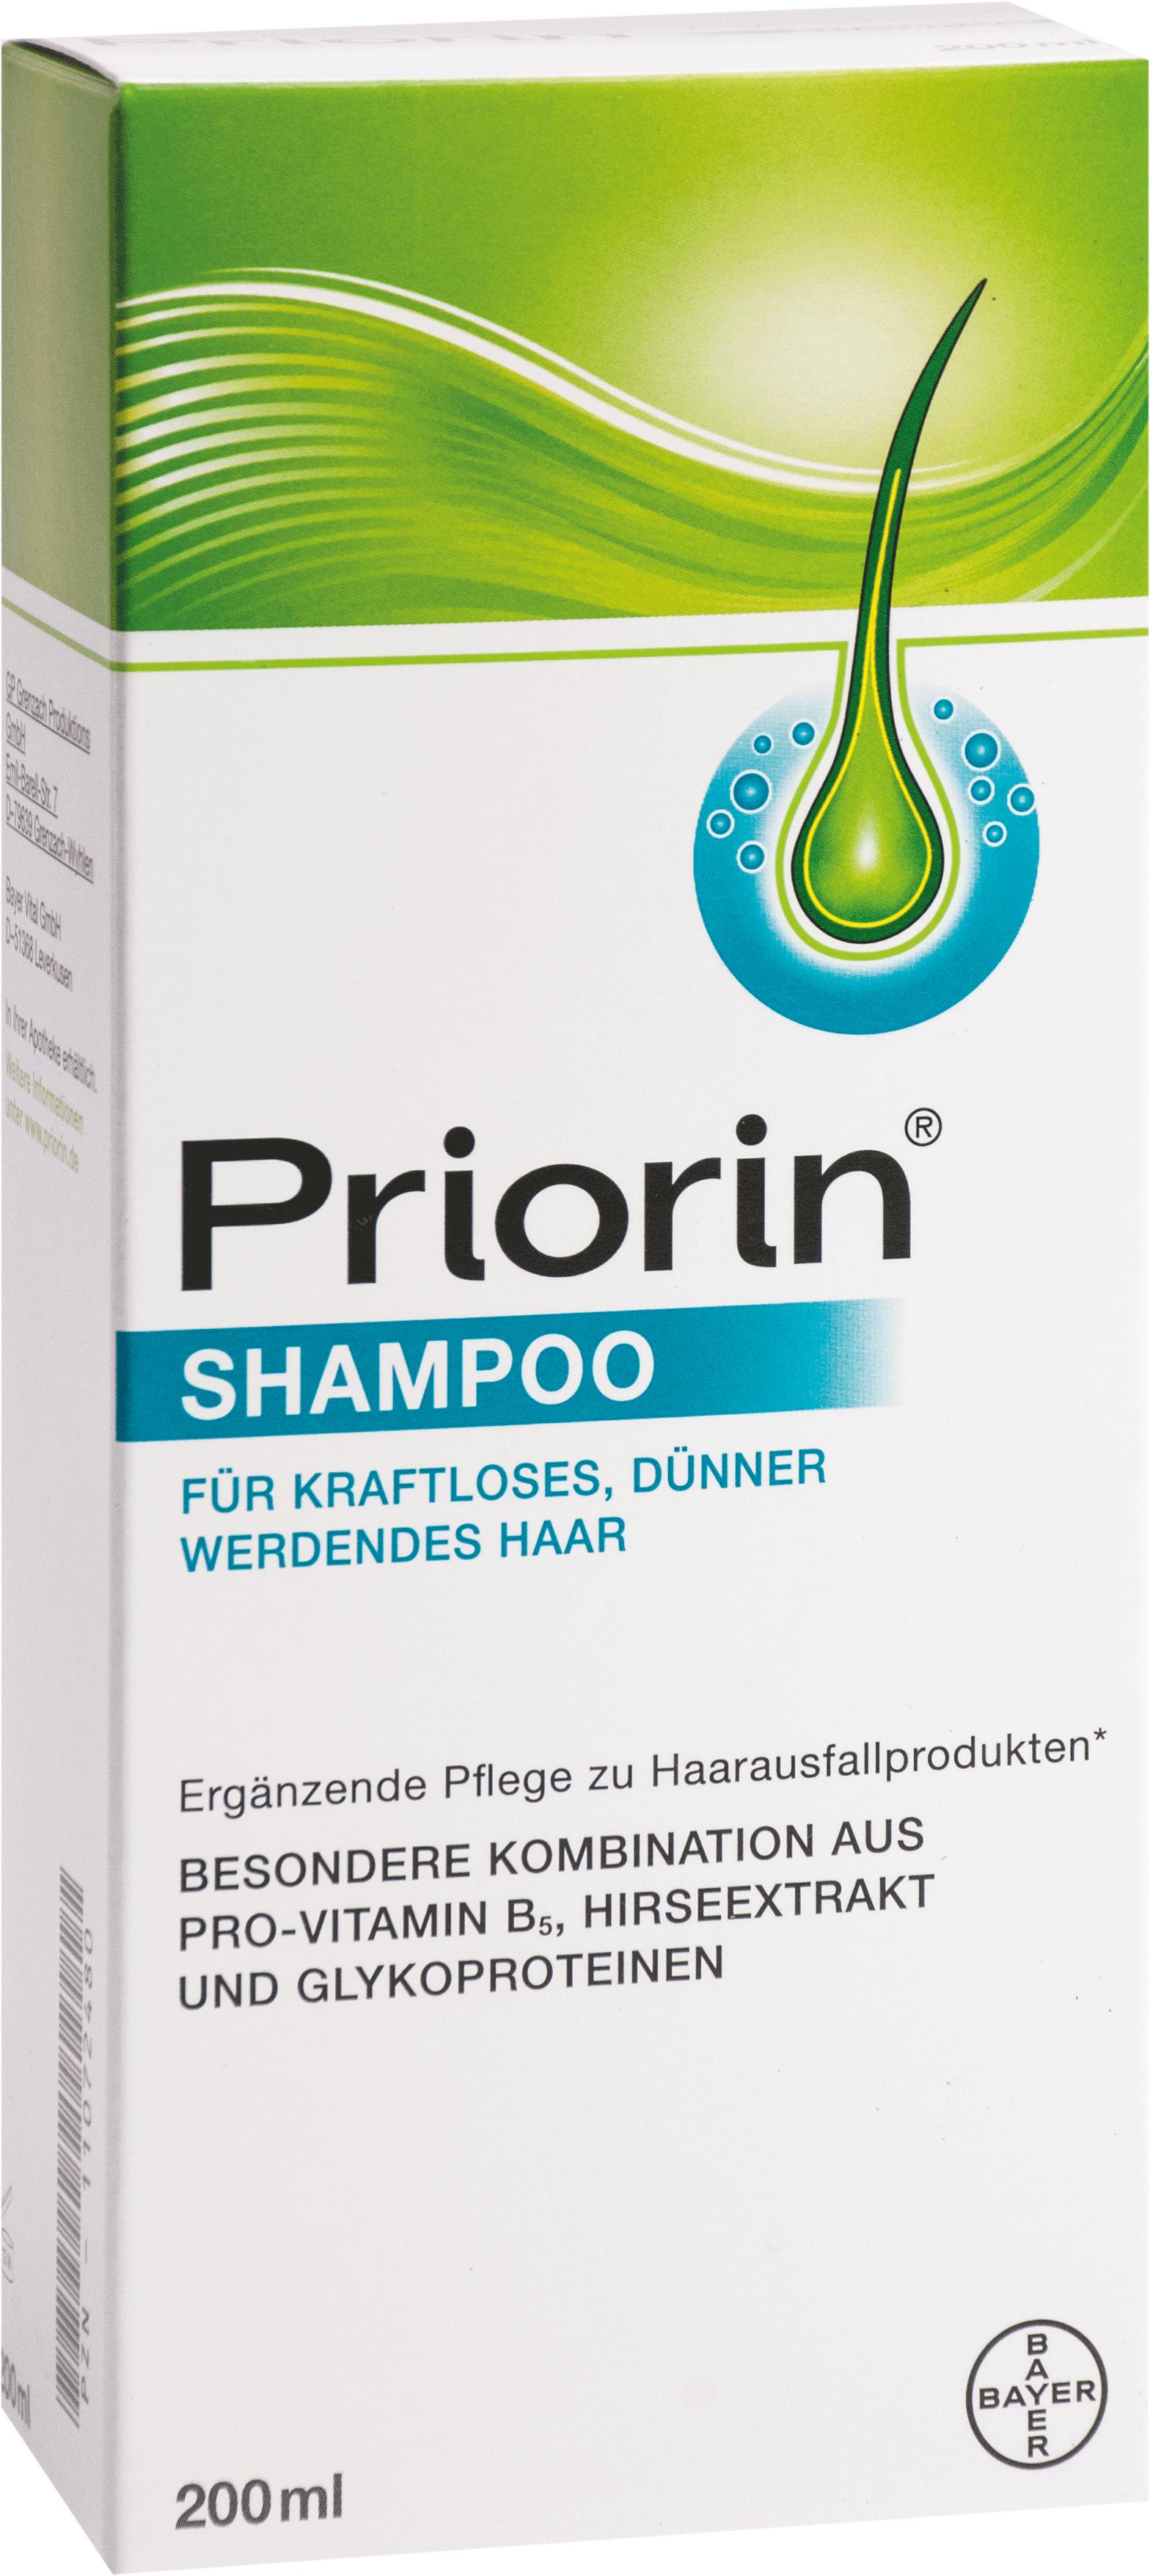 Priorin Shampoo f. kraftlos.dünner werdendes Haar